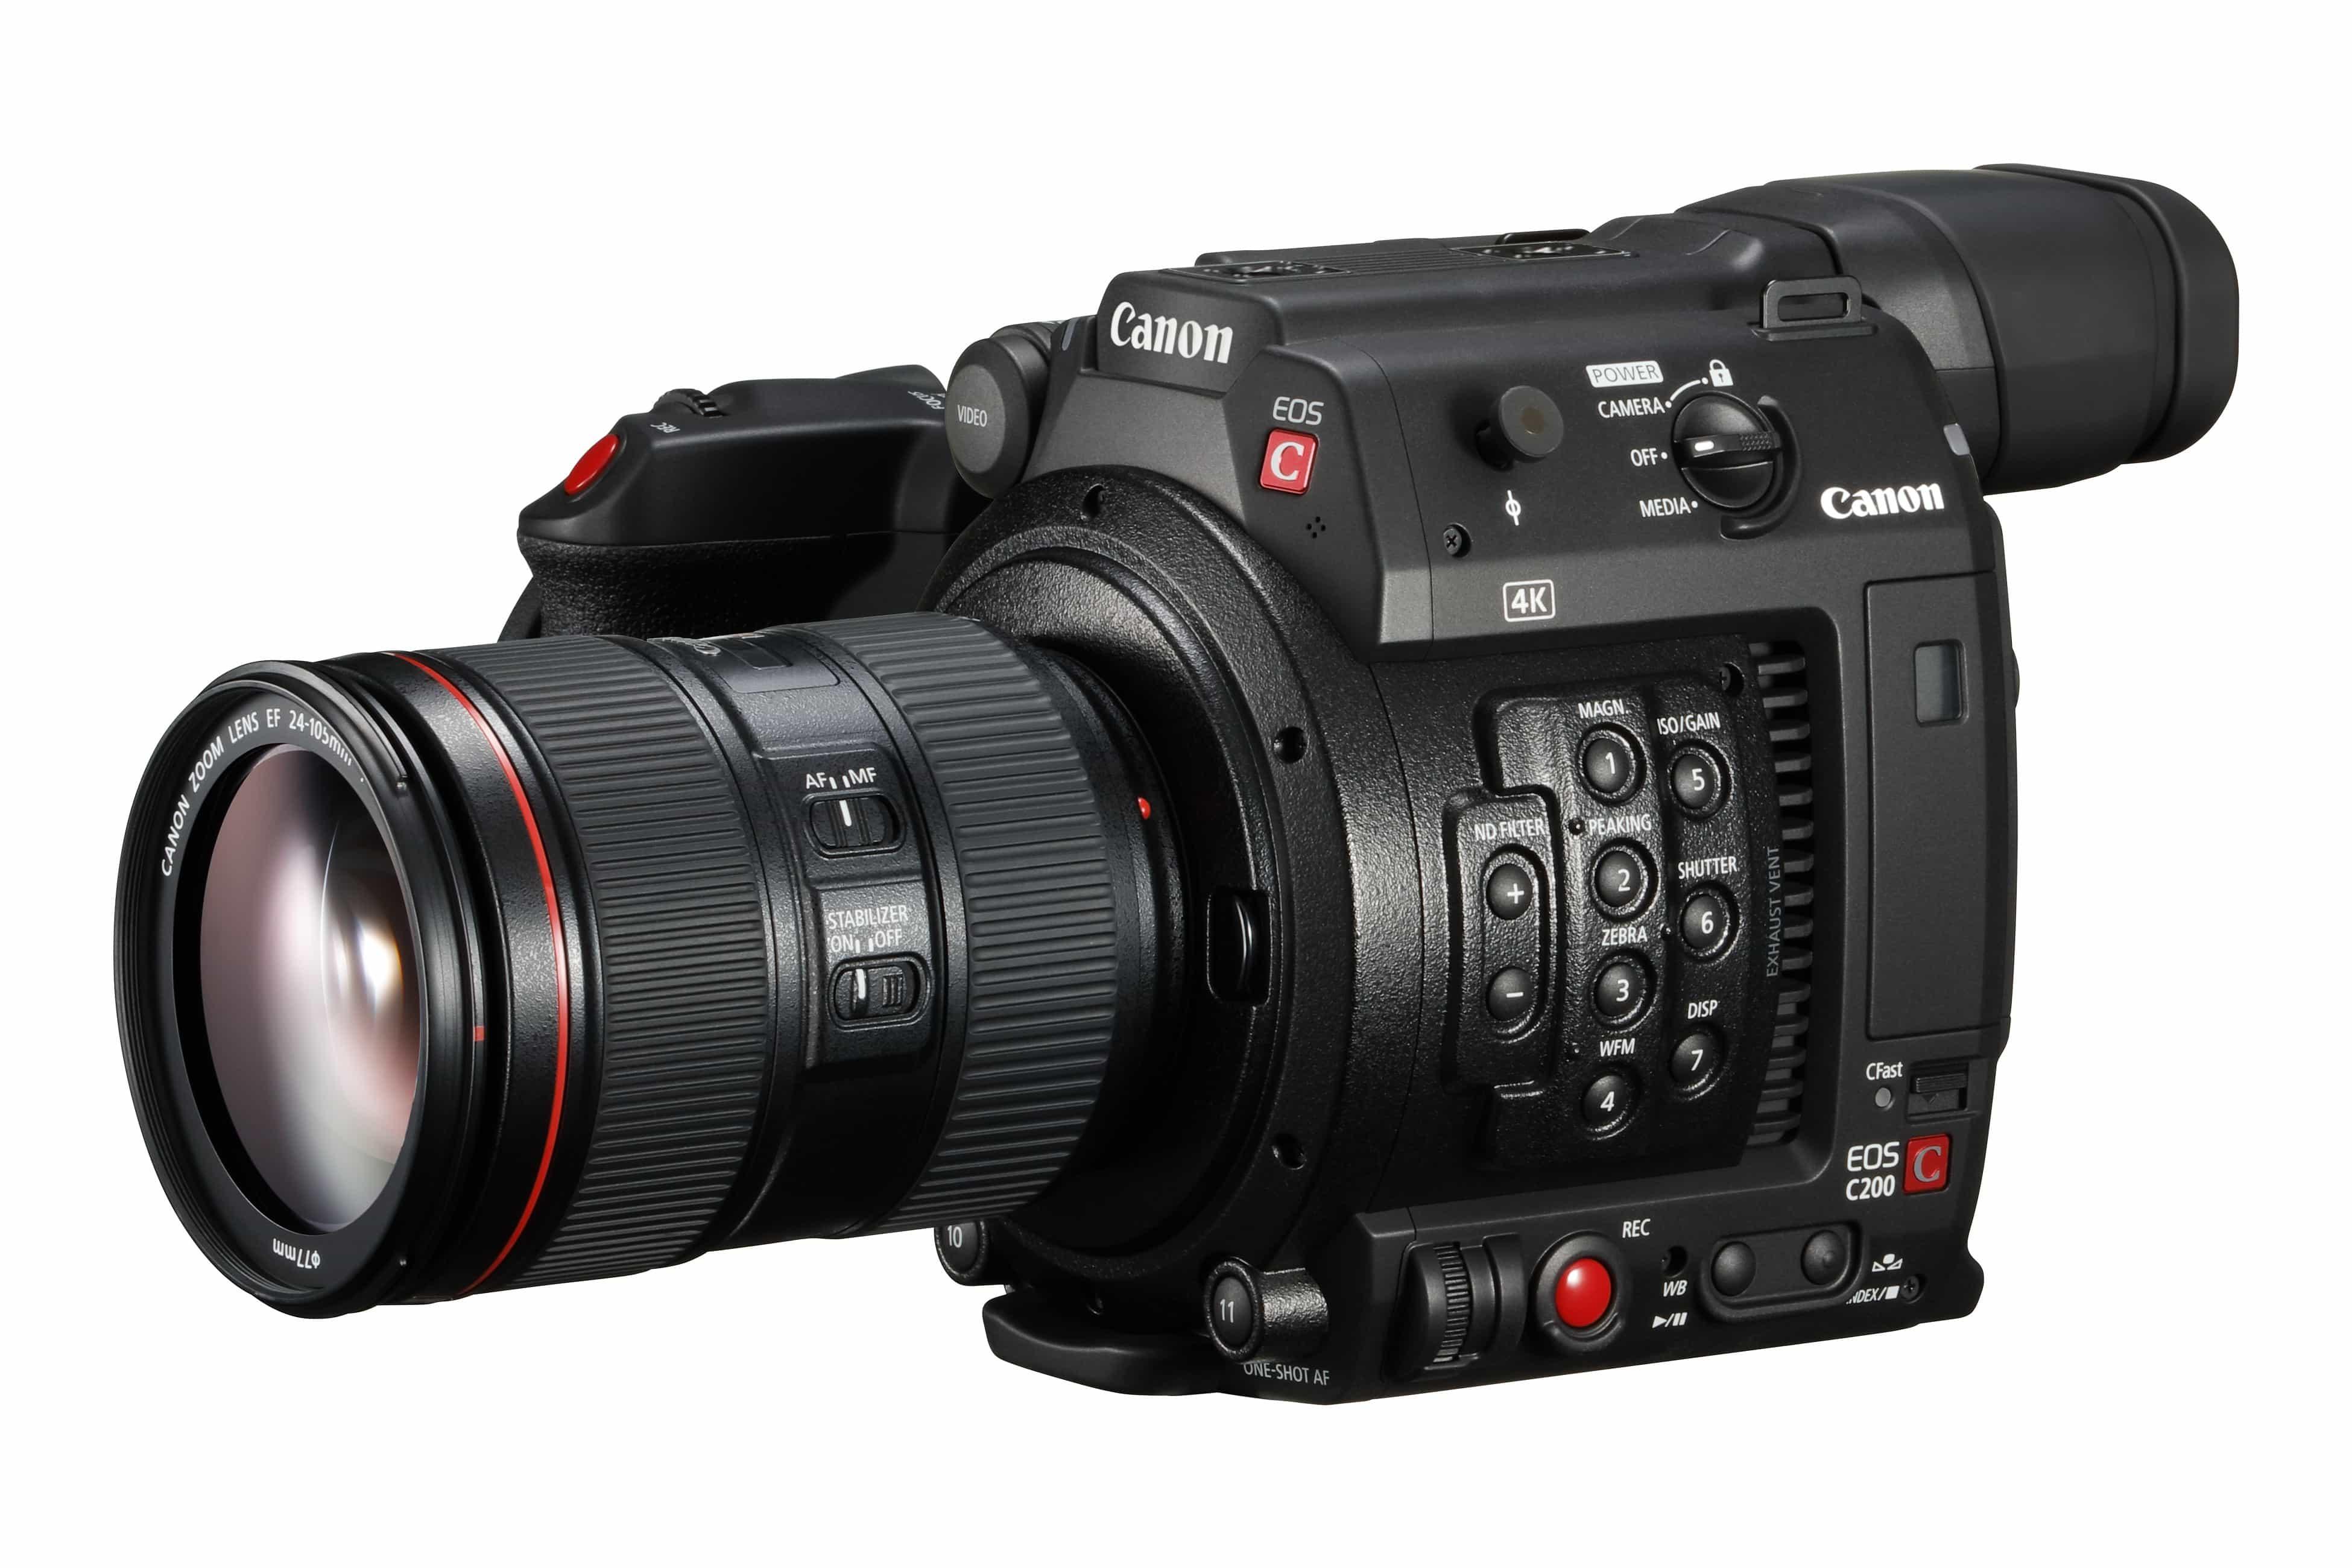 Canon lanserer ny Cinema EOS med 4k RAW - Nybrott Media AS